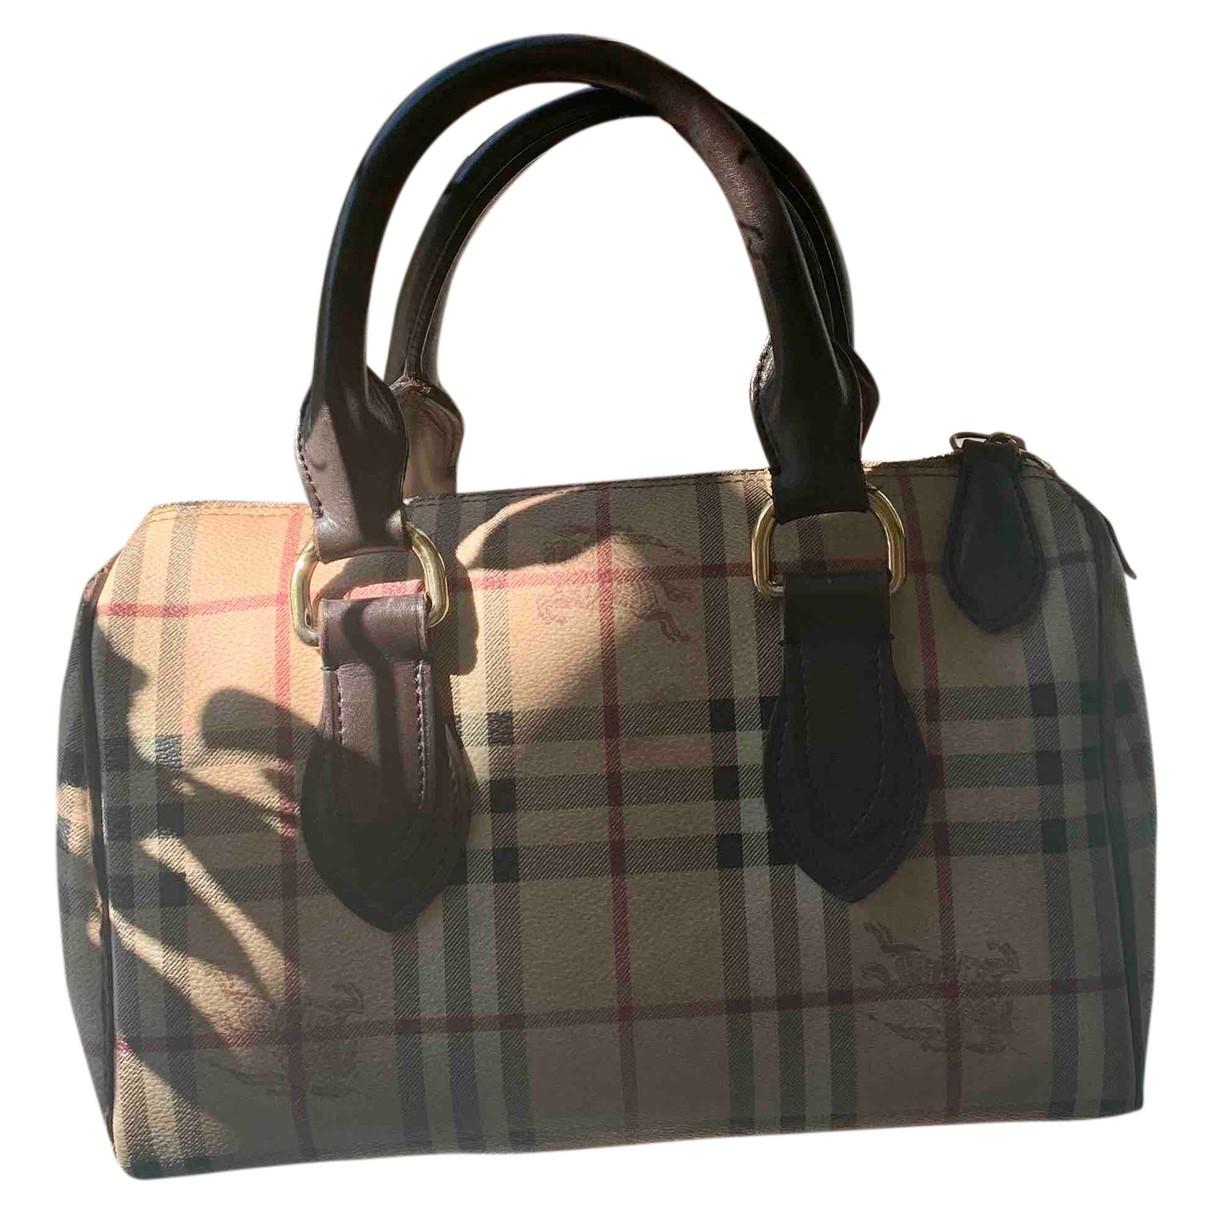 Burberry \N Handtasche in  Beige Kalbsleder in Pony-Optik